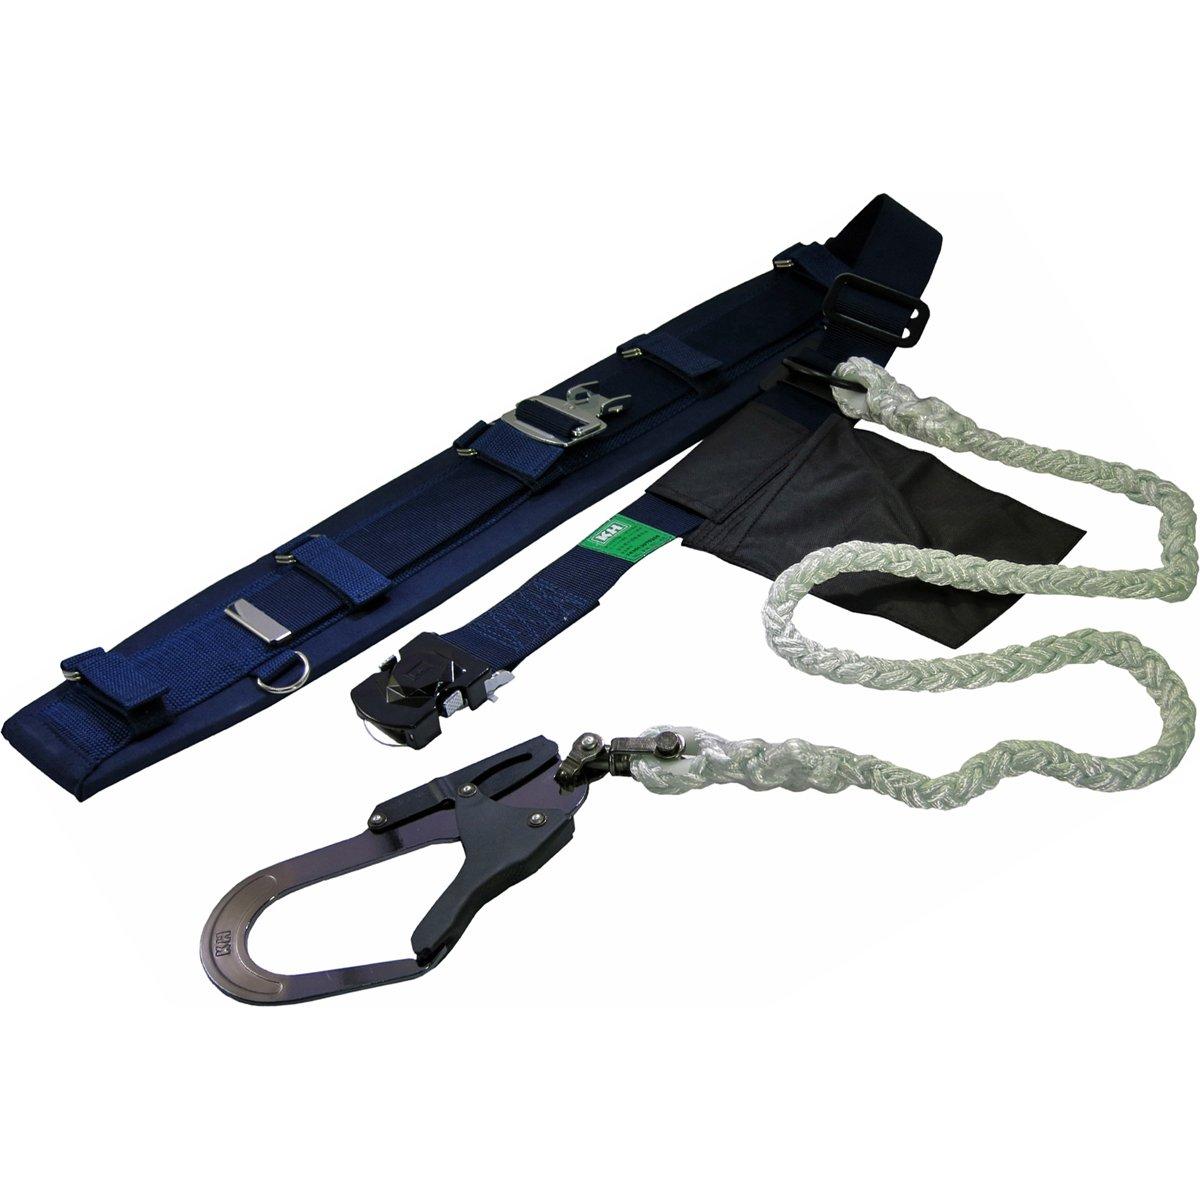 KH 安全帯 ロープ式 タフアルミ 自在環 アロッキー φ14 八ッ打 OD [落下防止 電気工事 高所での安全作業] B00GU49KOM